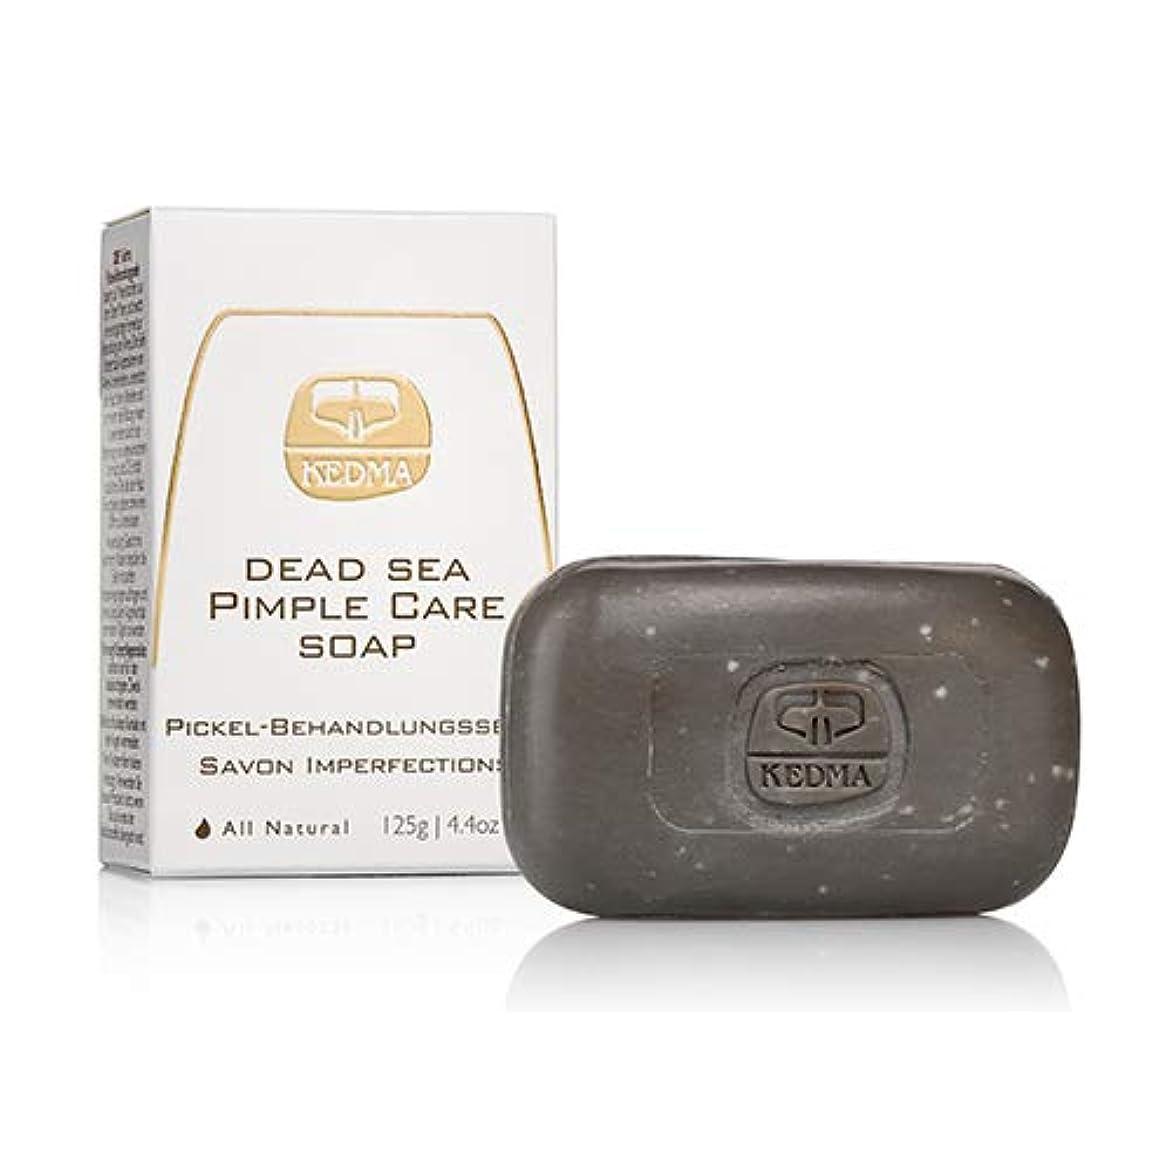 自慢感じるグリット【日本初上陸/正規代理店】死海のミネラル石鹸 死海ピンプルケアソープ 125g